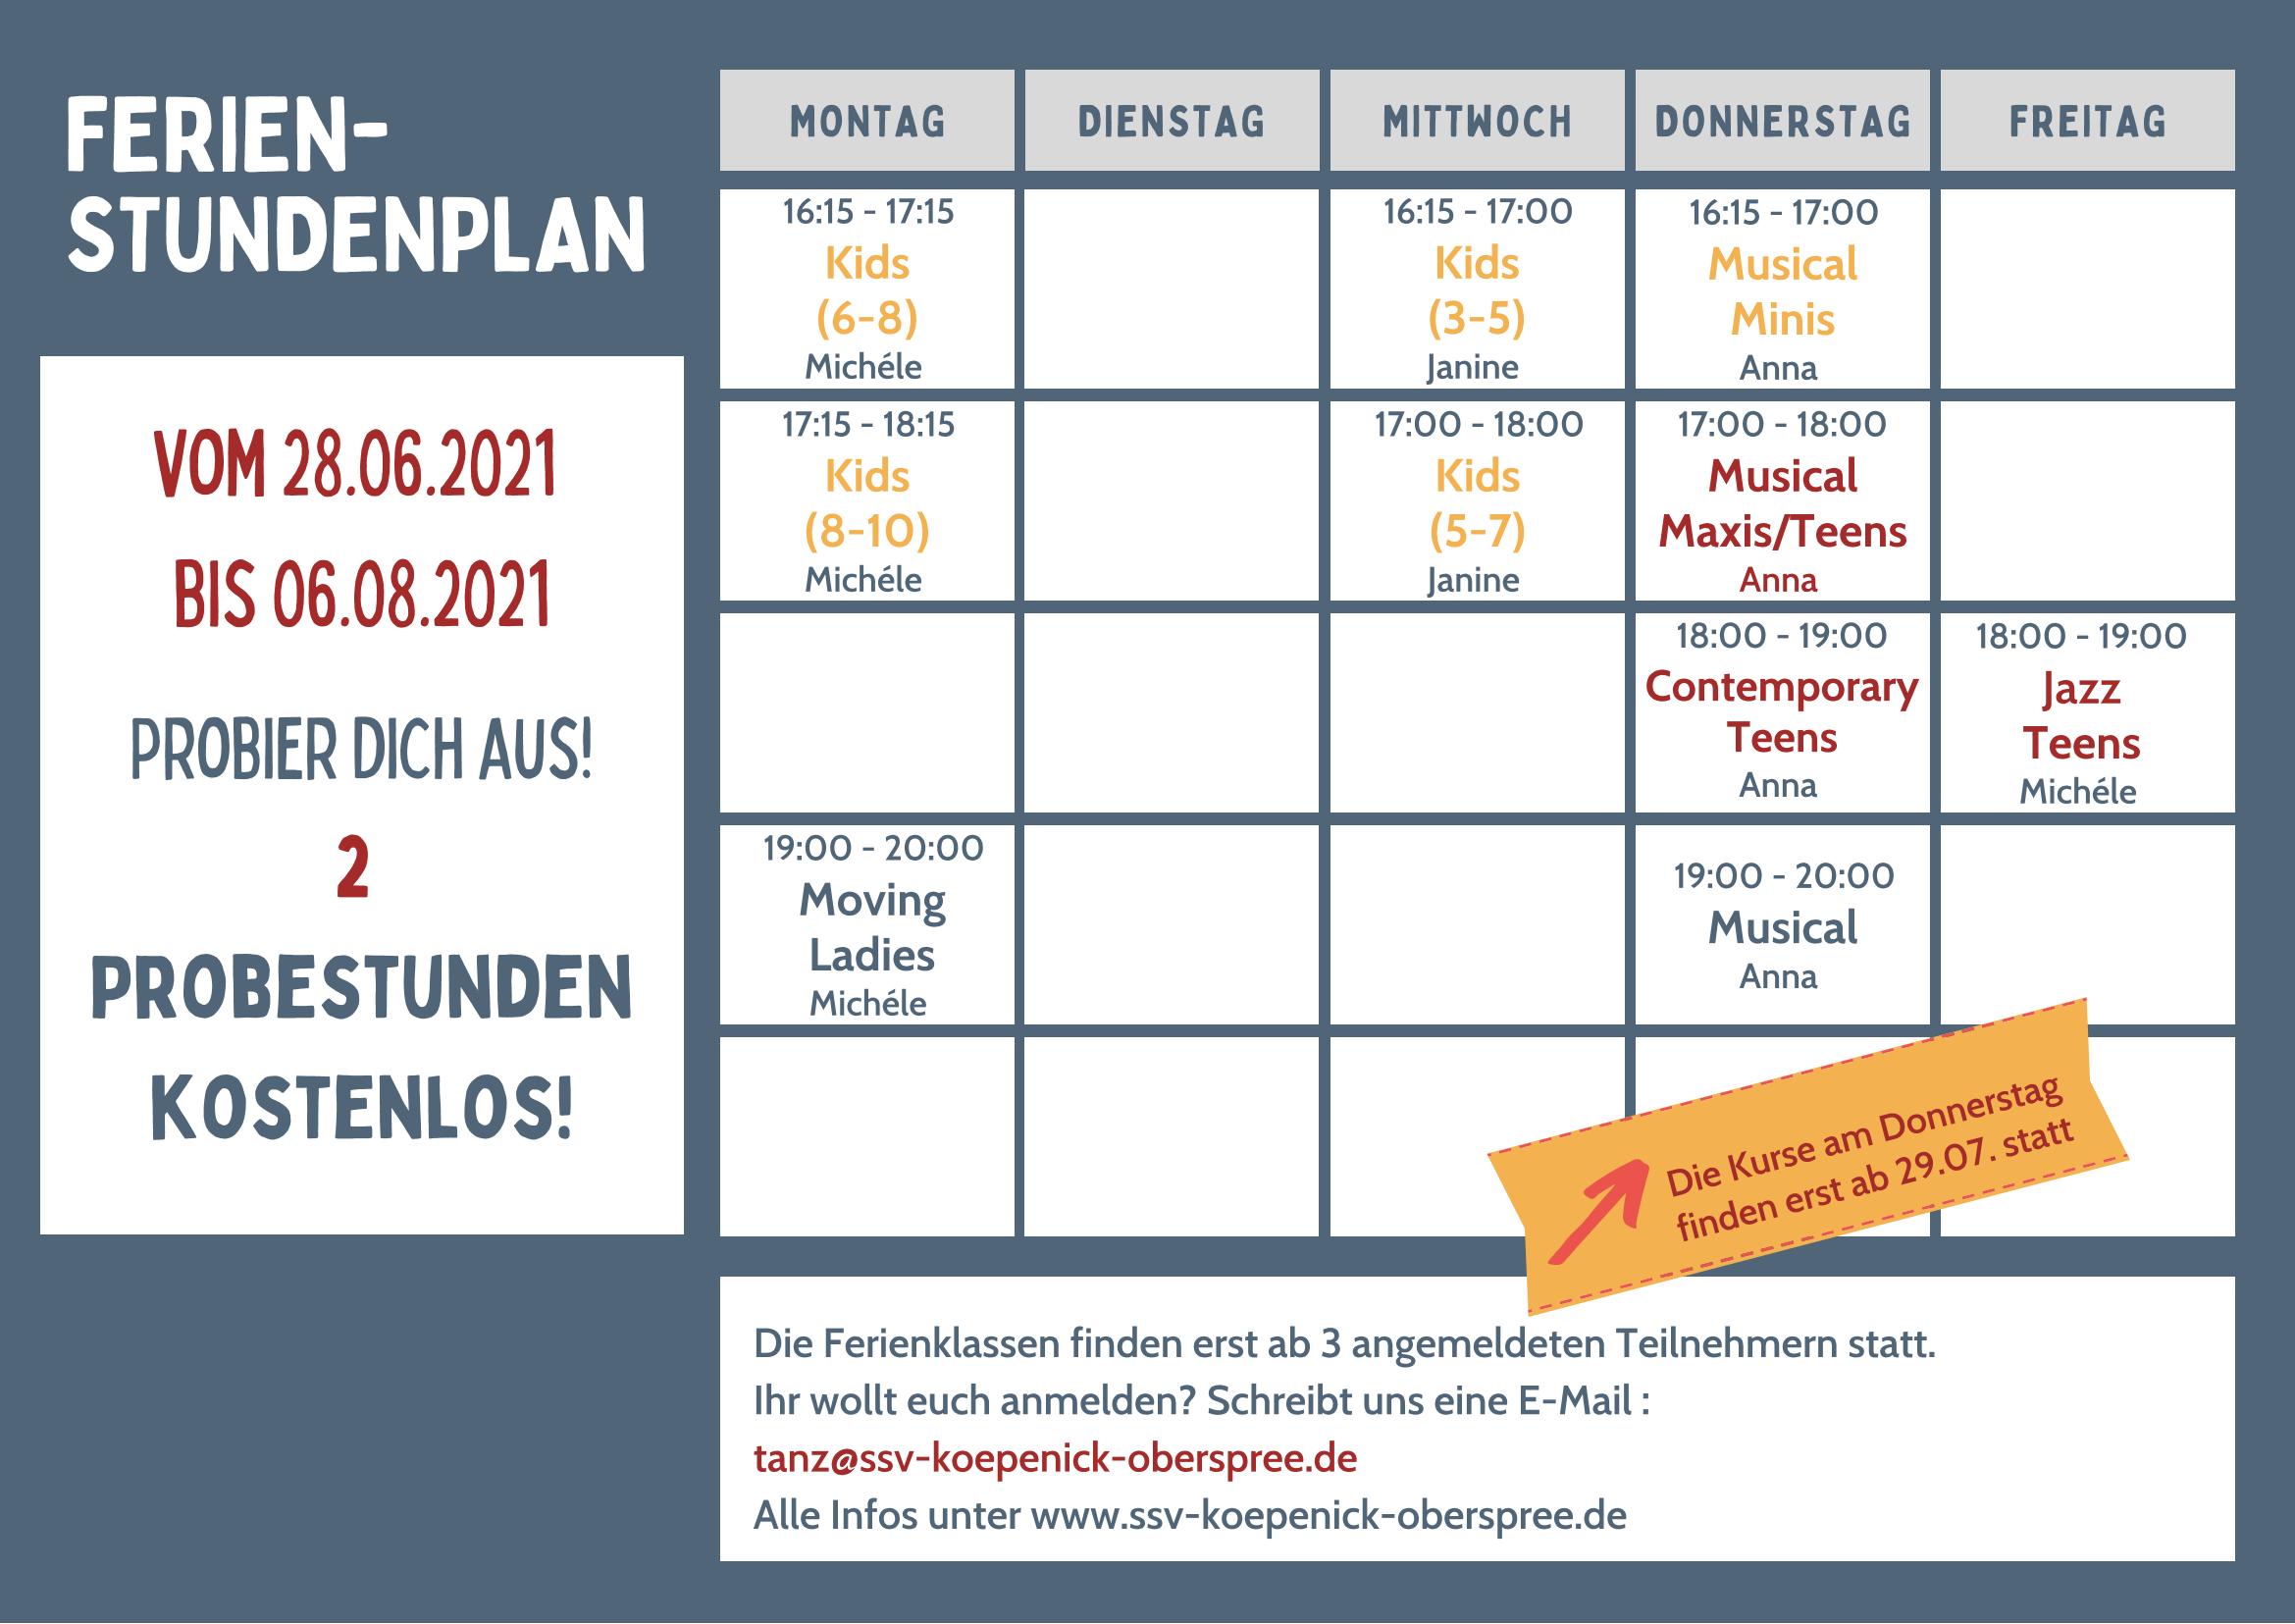 Ferienstundenplan-Tanz